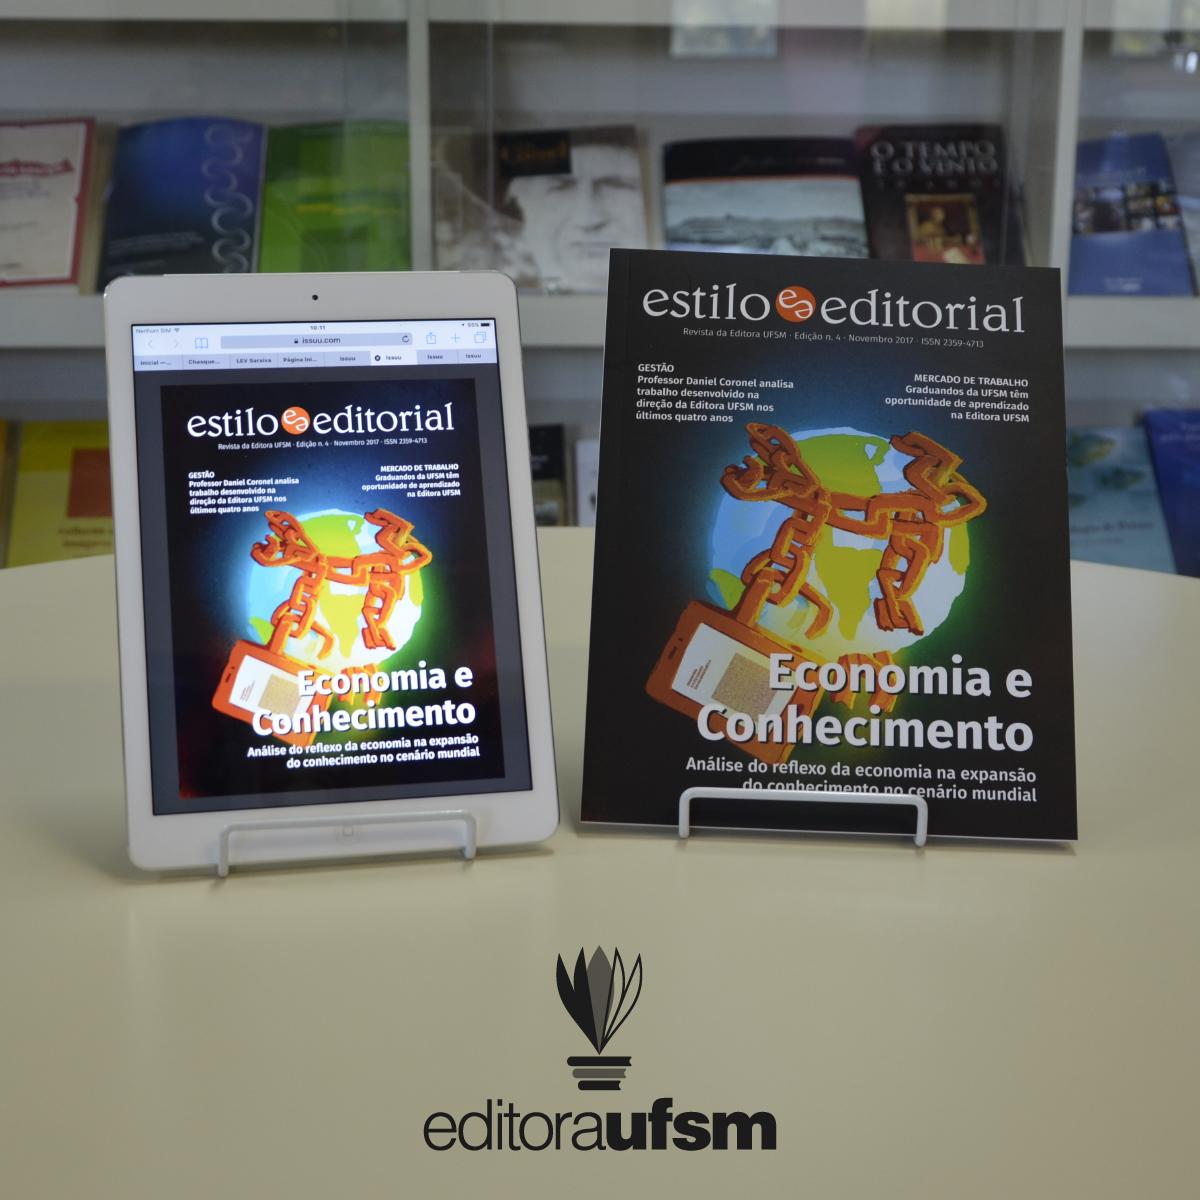 04fae0a689 Disponibilizada versão on-line da 4ª edição da Revista Estilo ...